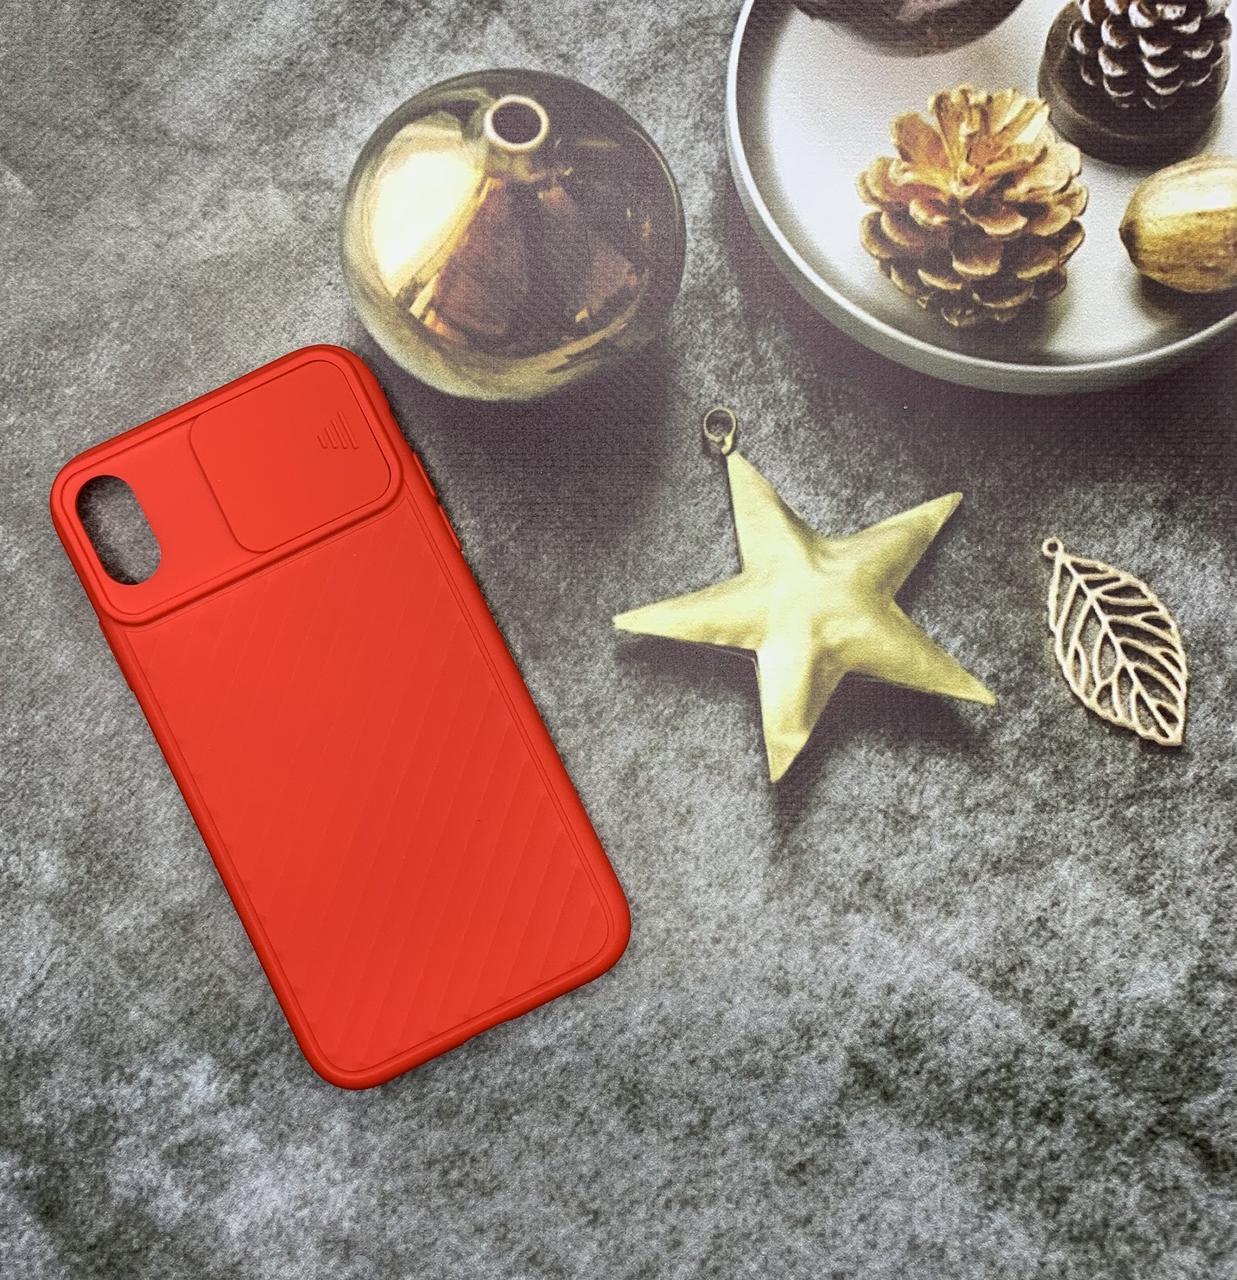 Чехол на iPhone XR матовый цветной силиконовый красный с защитой камеры